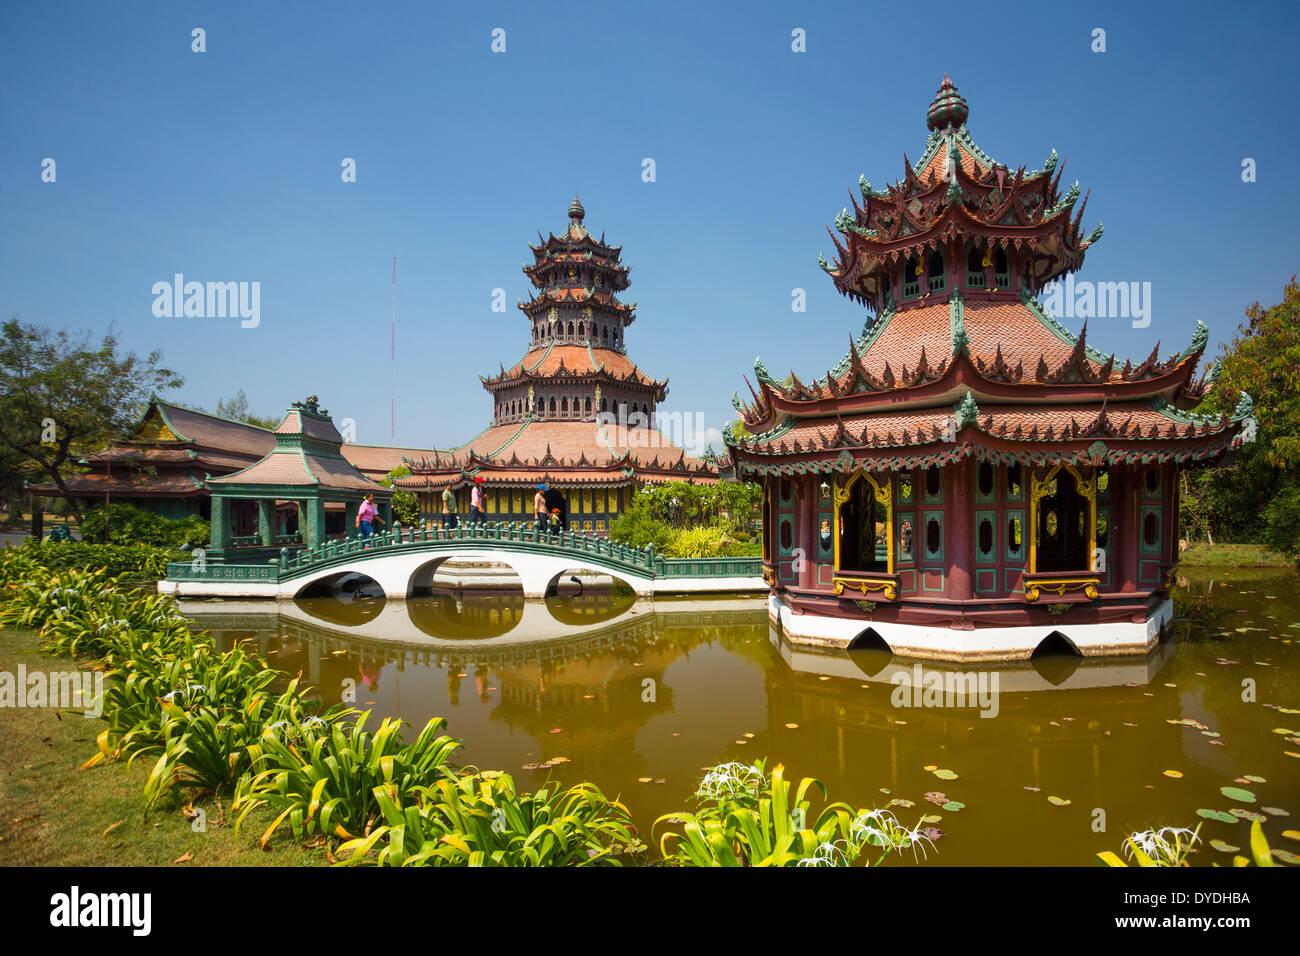 Thailand, Asia, Bangkok, Ancient, Siam Park, The Phra Kaew, architecture, bridge, culture, park, pavilion, pond - Stock Image